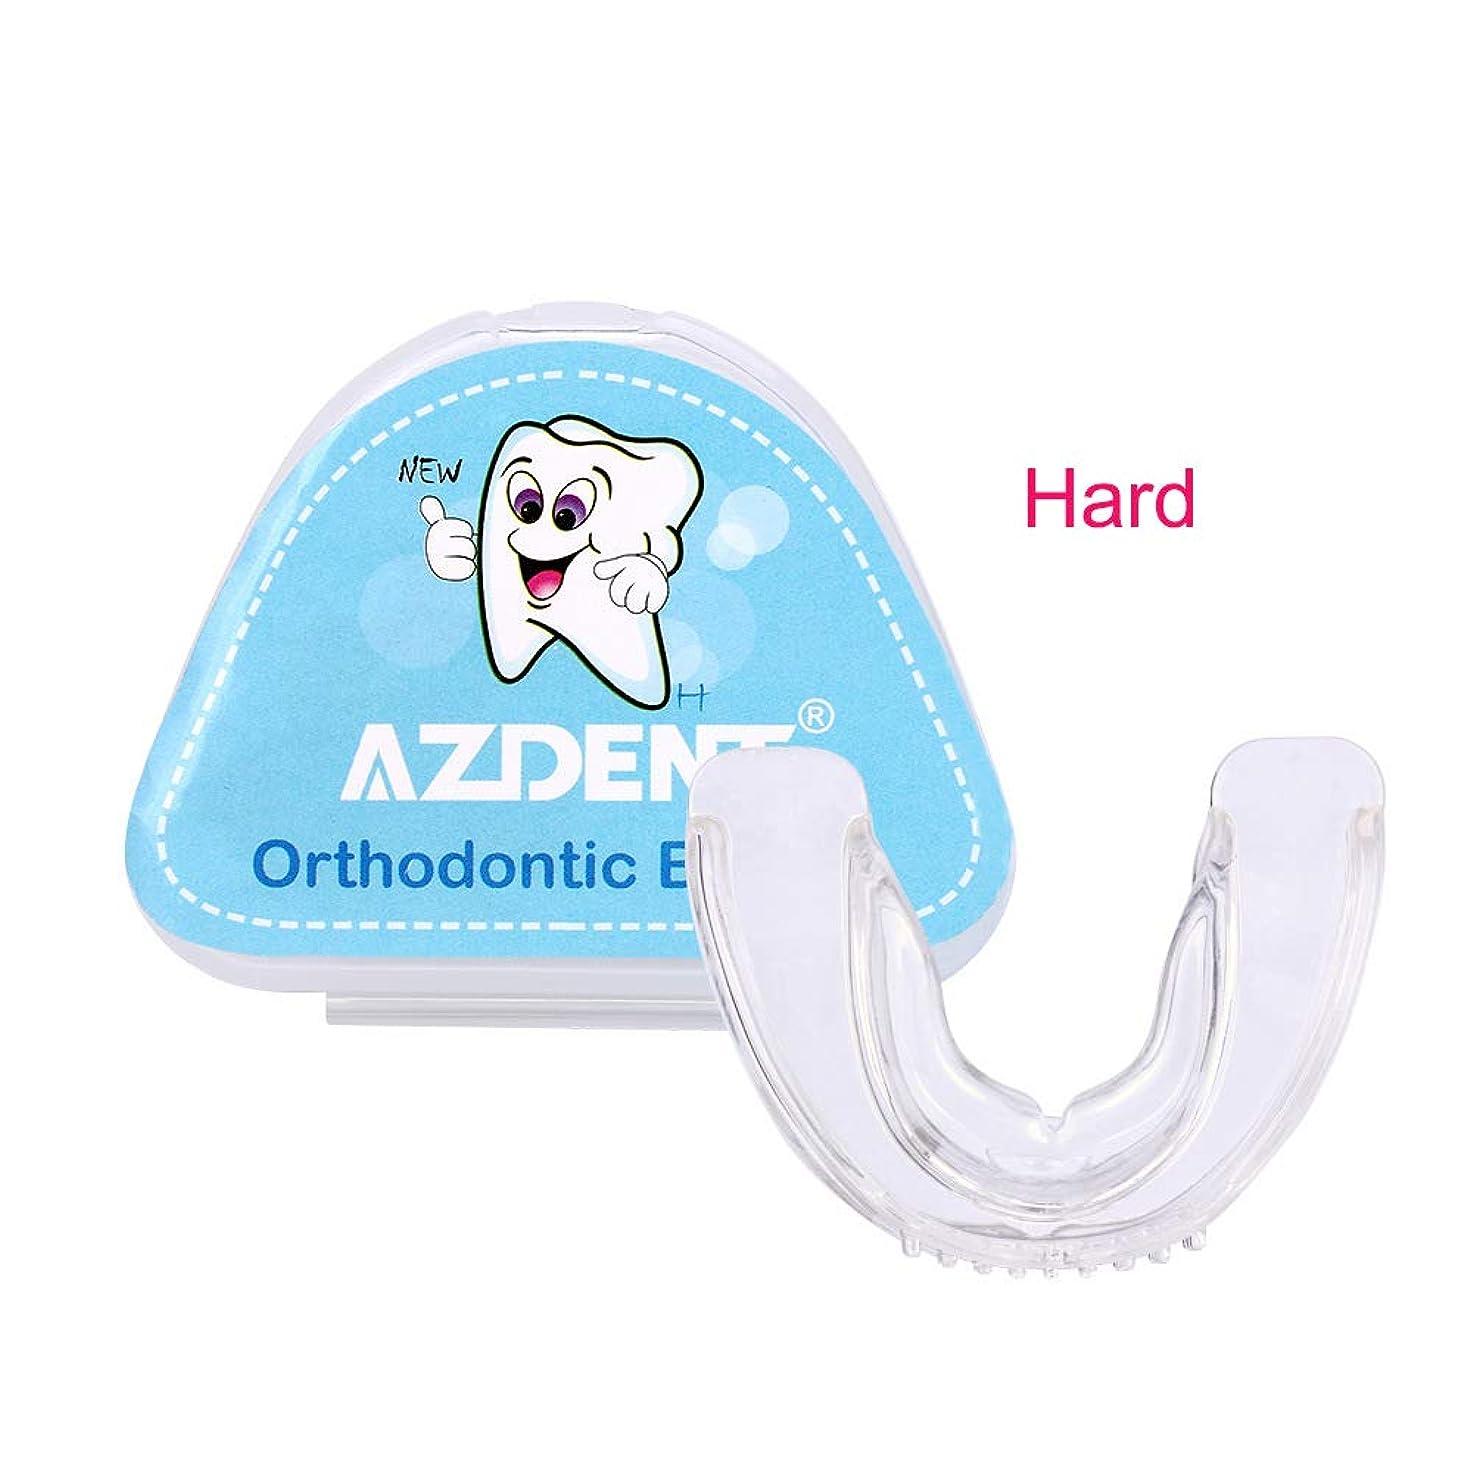 違う好戦的な解読する1対の歯列矯正ブレースを改善し、顔の形を整えます,hard